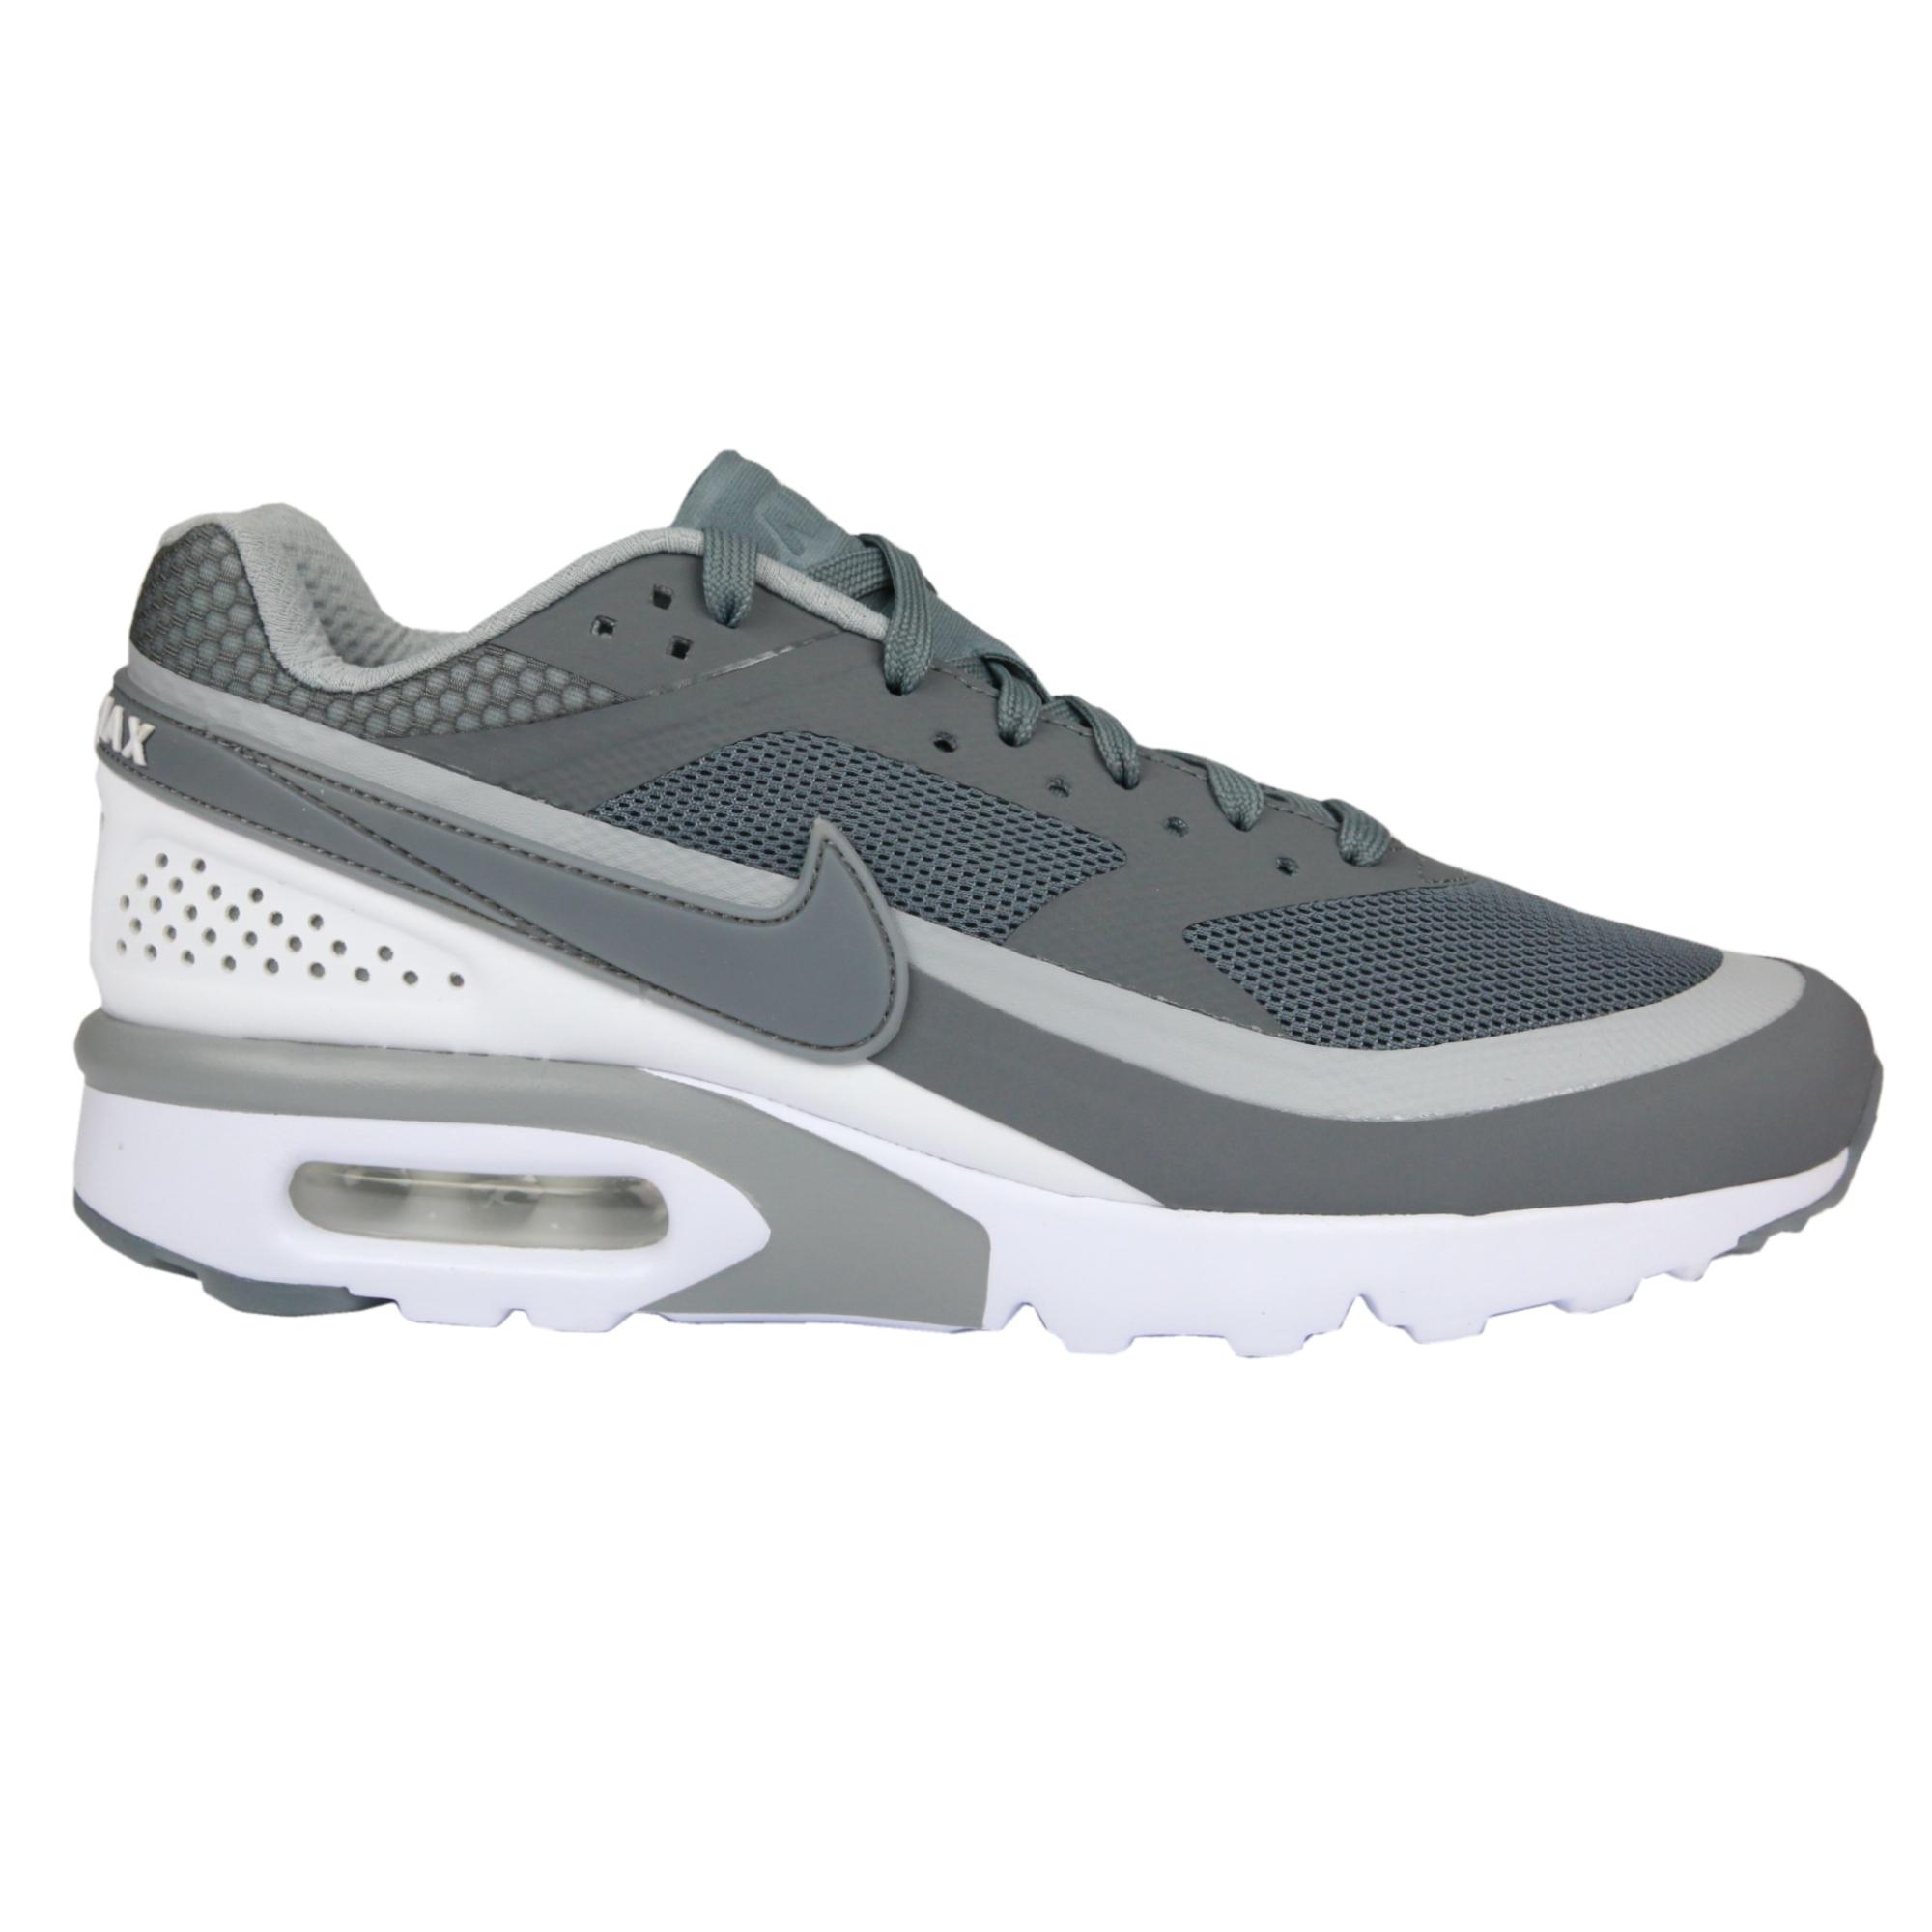 9cce3bf6e0b Nike Classic Air Max Bw Nike Air Max Bw Og